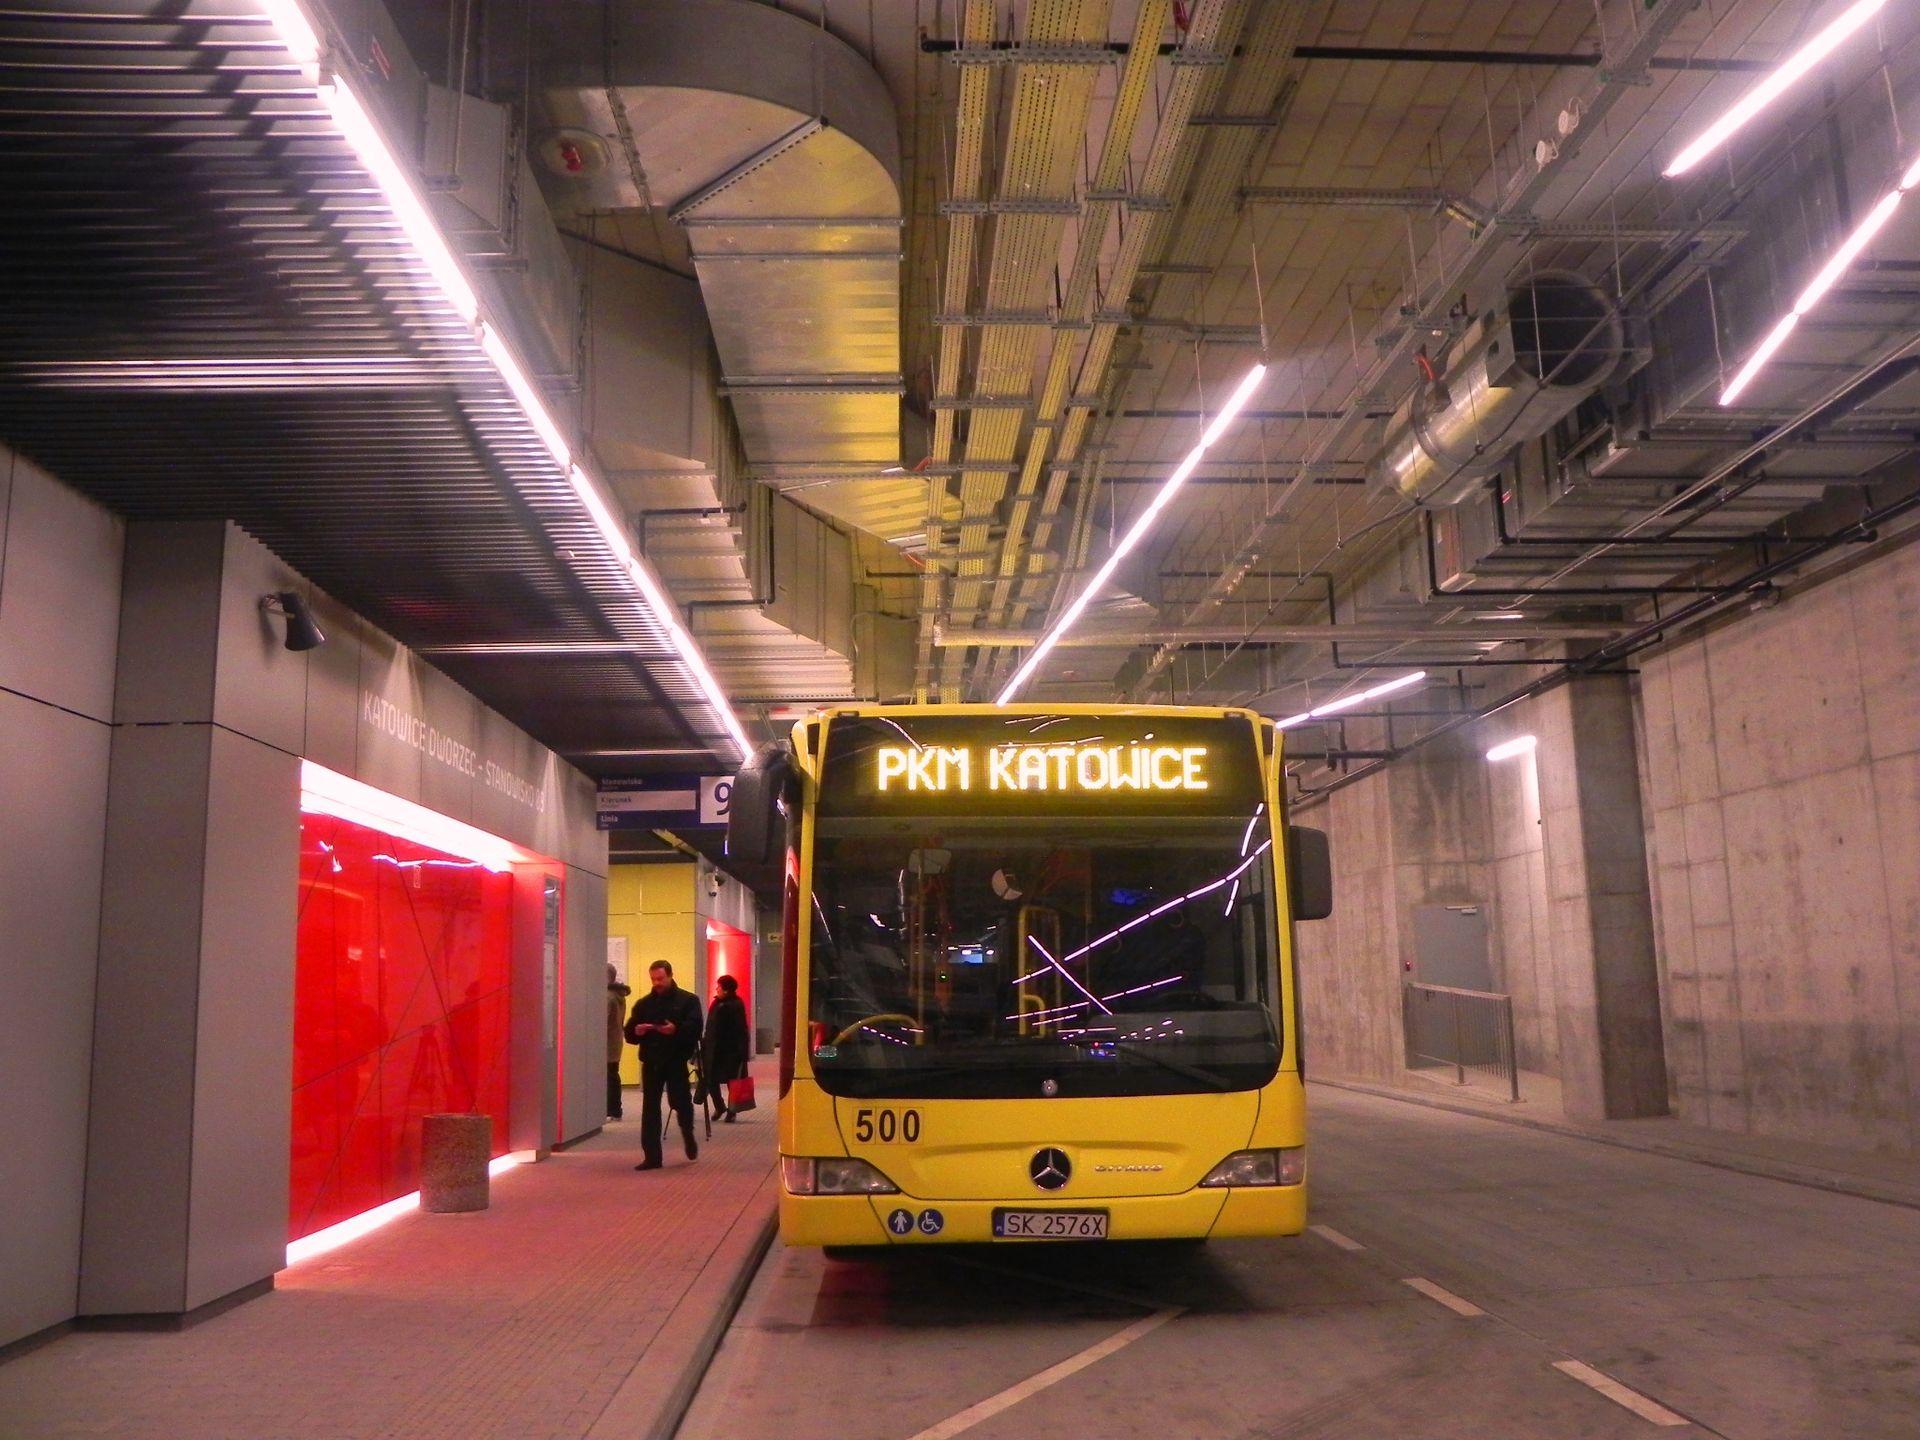 [Katowice] Dworzec autobusowy w Katowicach otwarty!